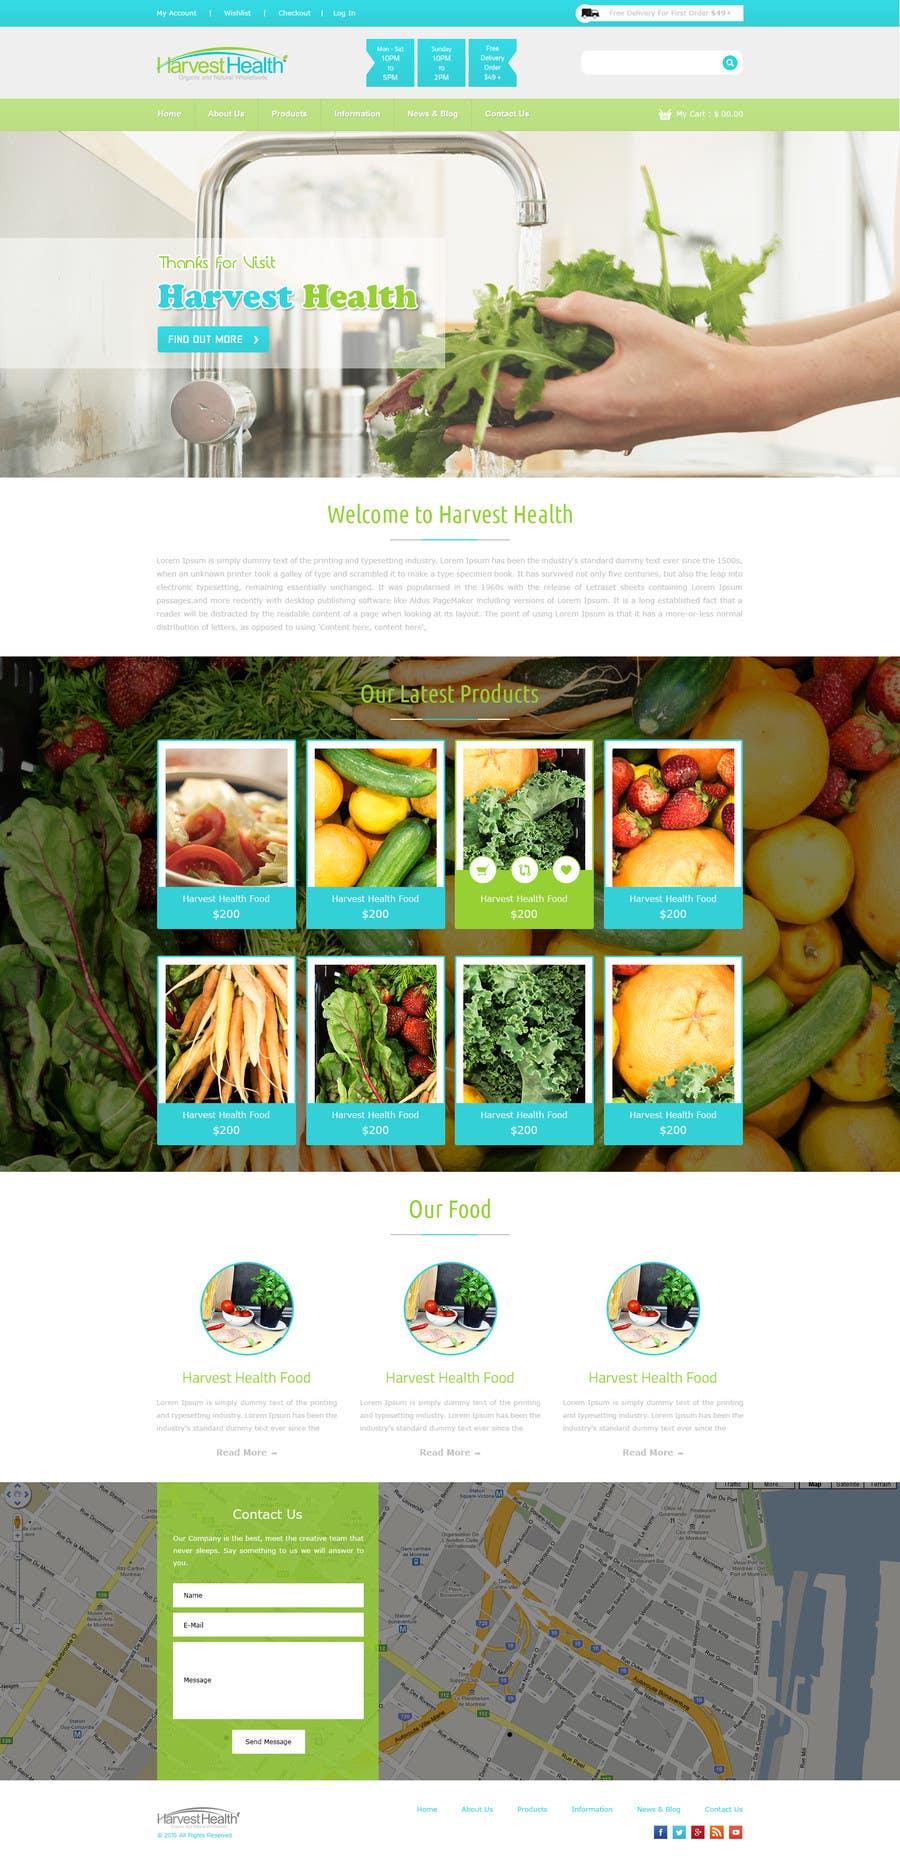 Konkurrenceindlæg #                                        3                                      for                                         Design a Website Mockup for A Health Food Shop